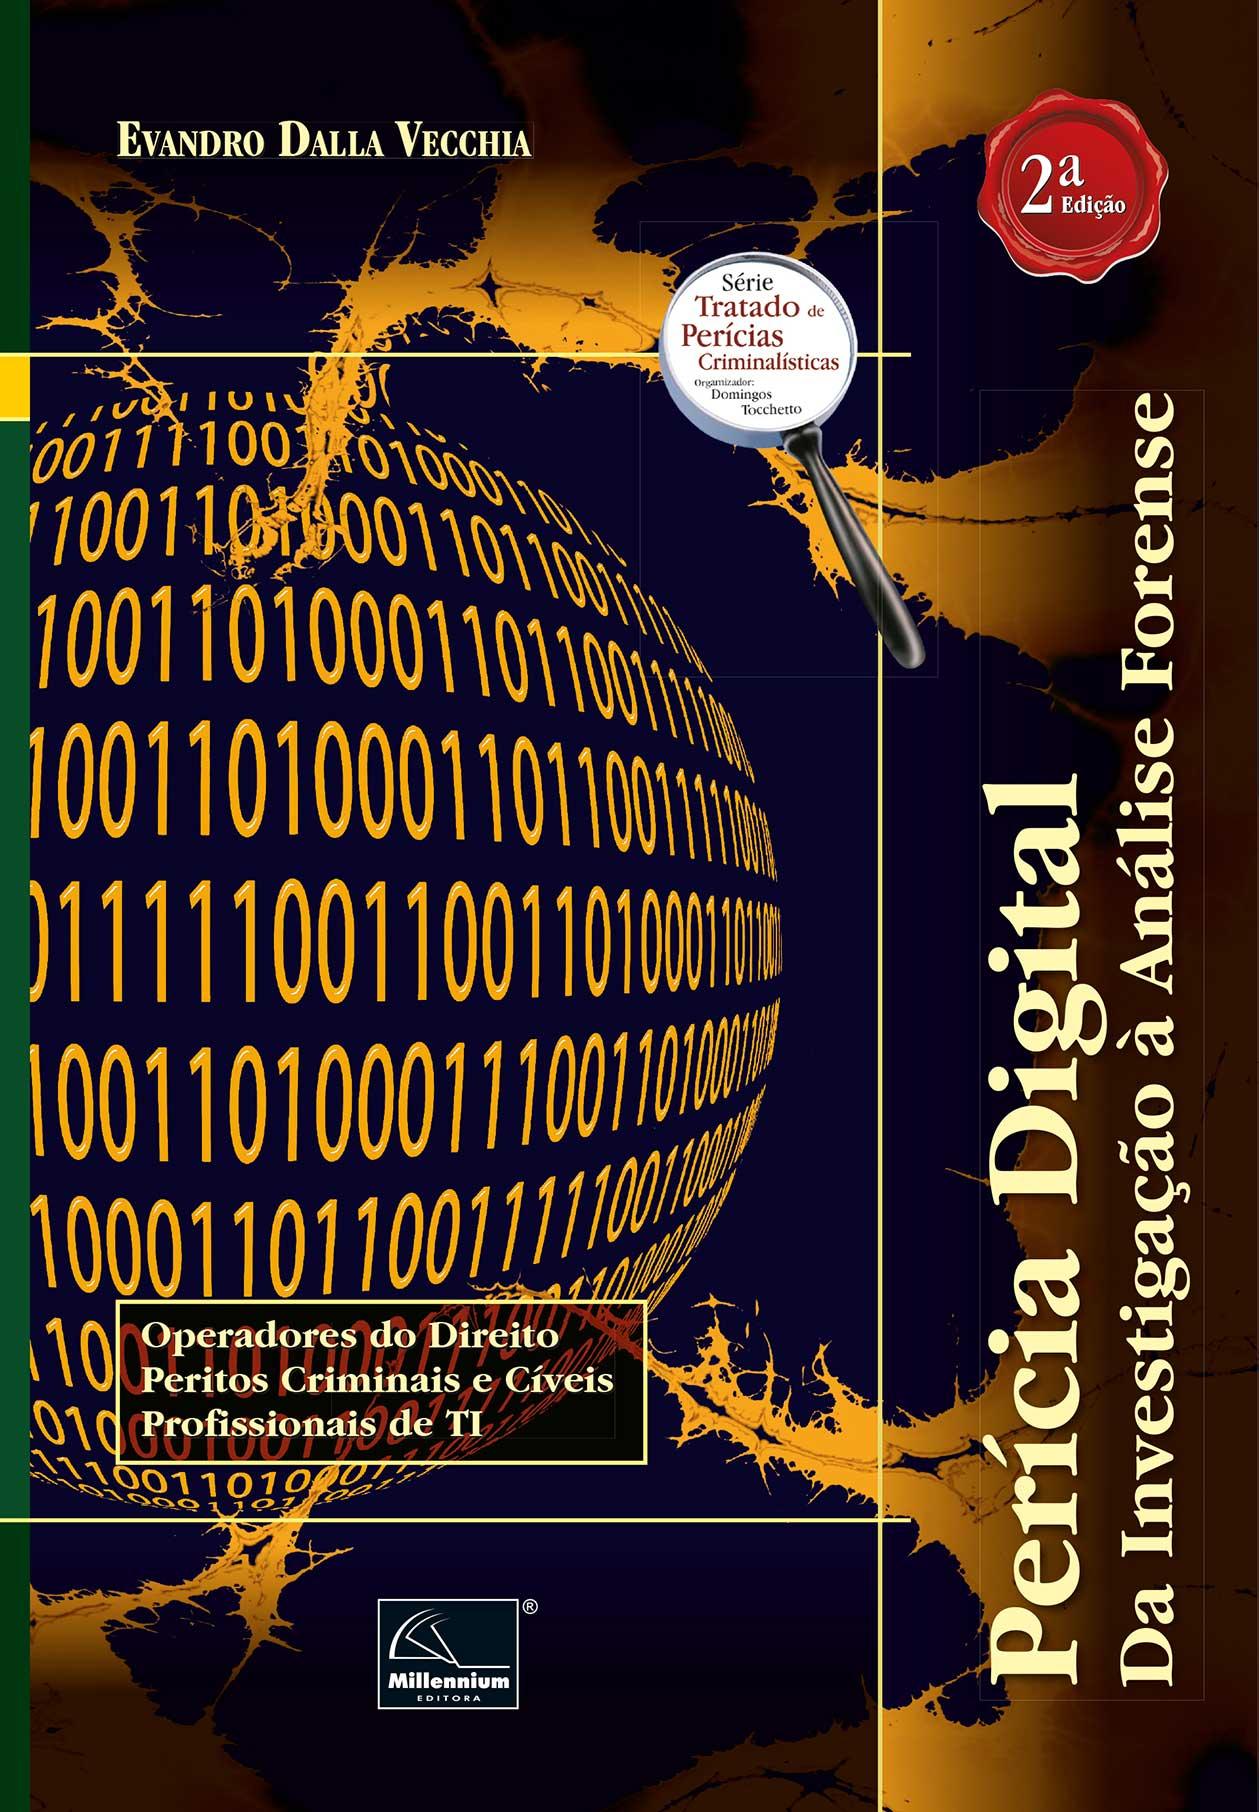 Perícia Digital: Da Investigação à Análise Forense – 2ª Edição <b>Autor: Evandro Dalla Vecchia</b>  - Millennium Editora